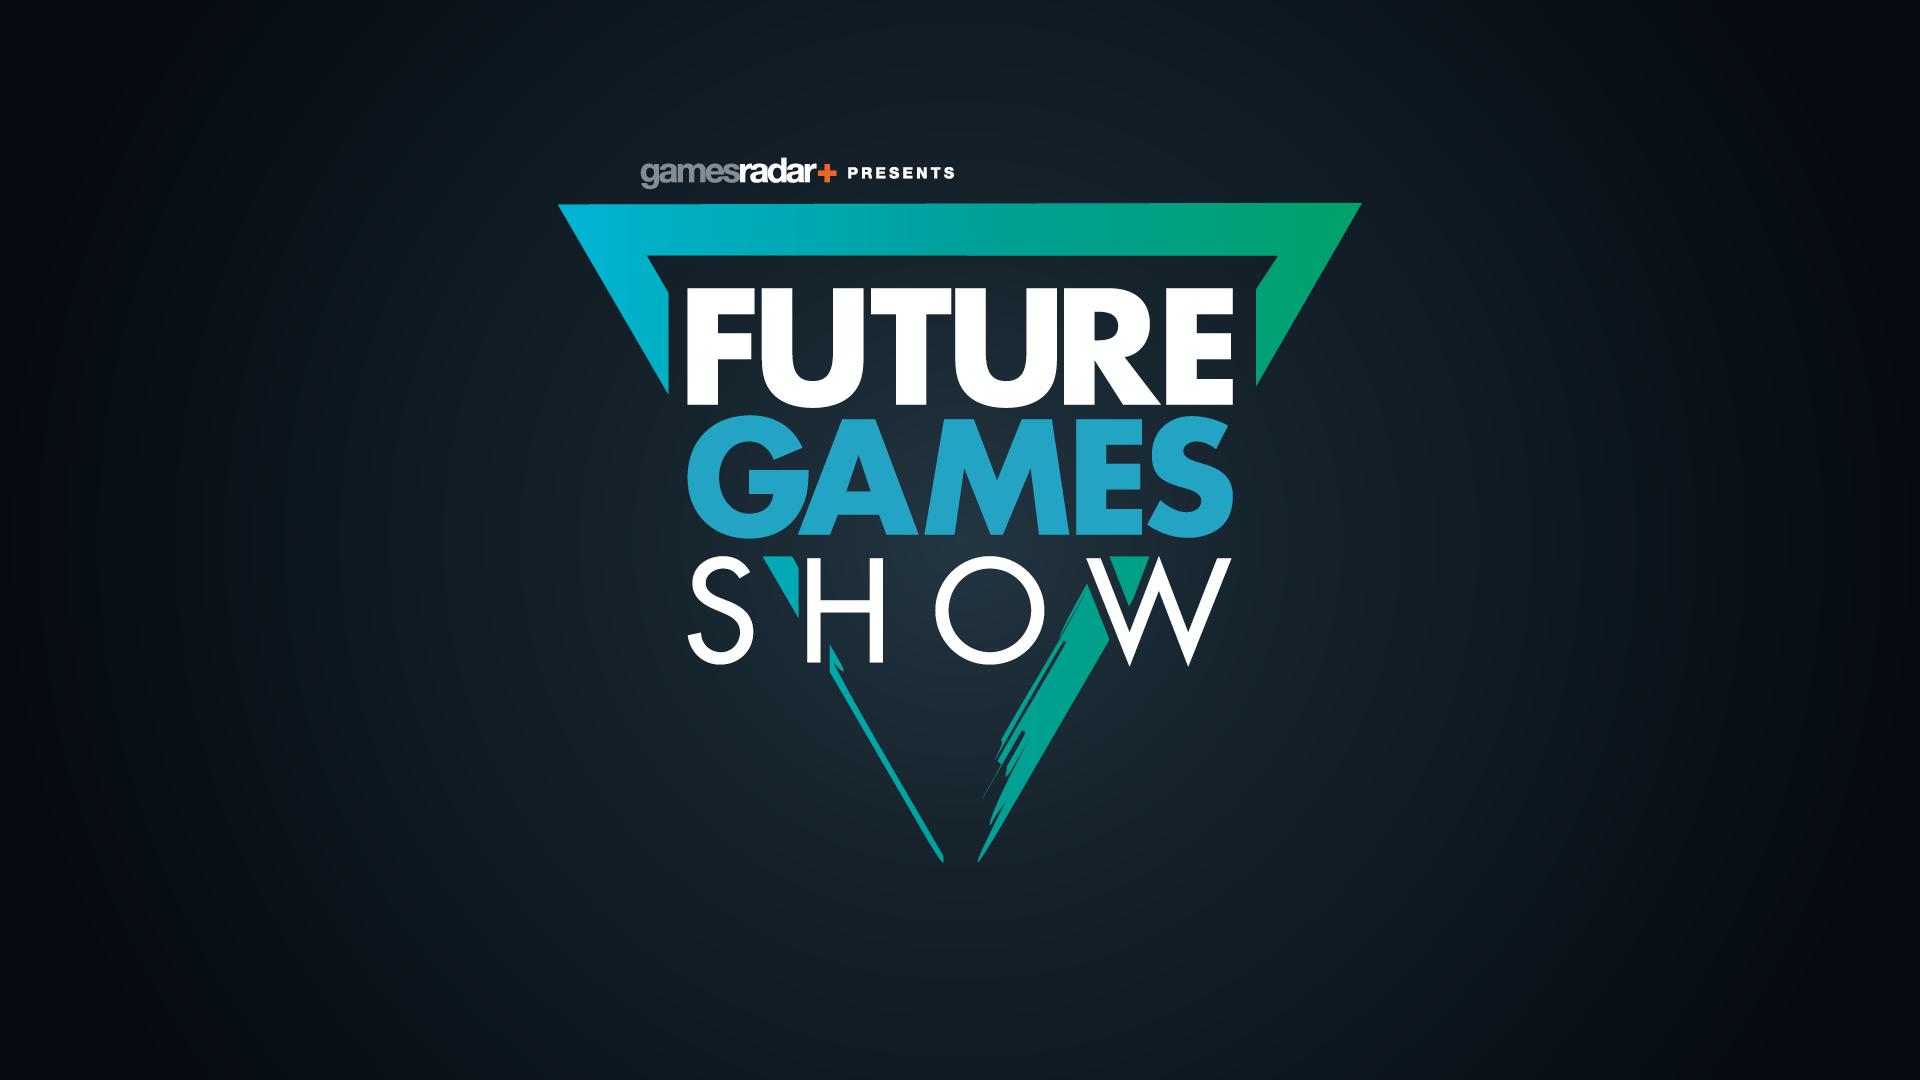 futuregameshow